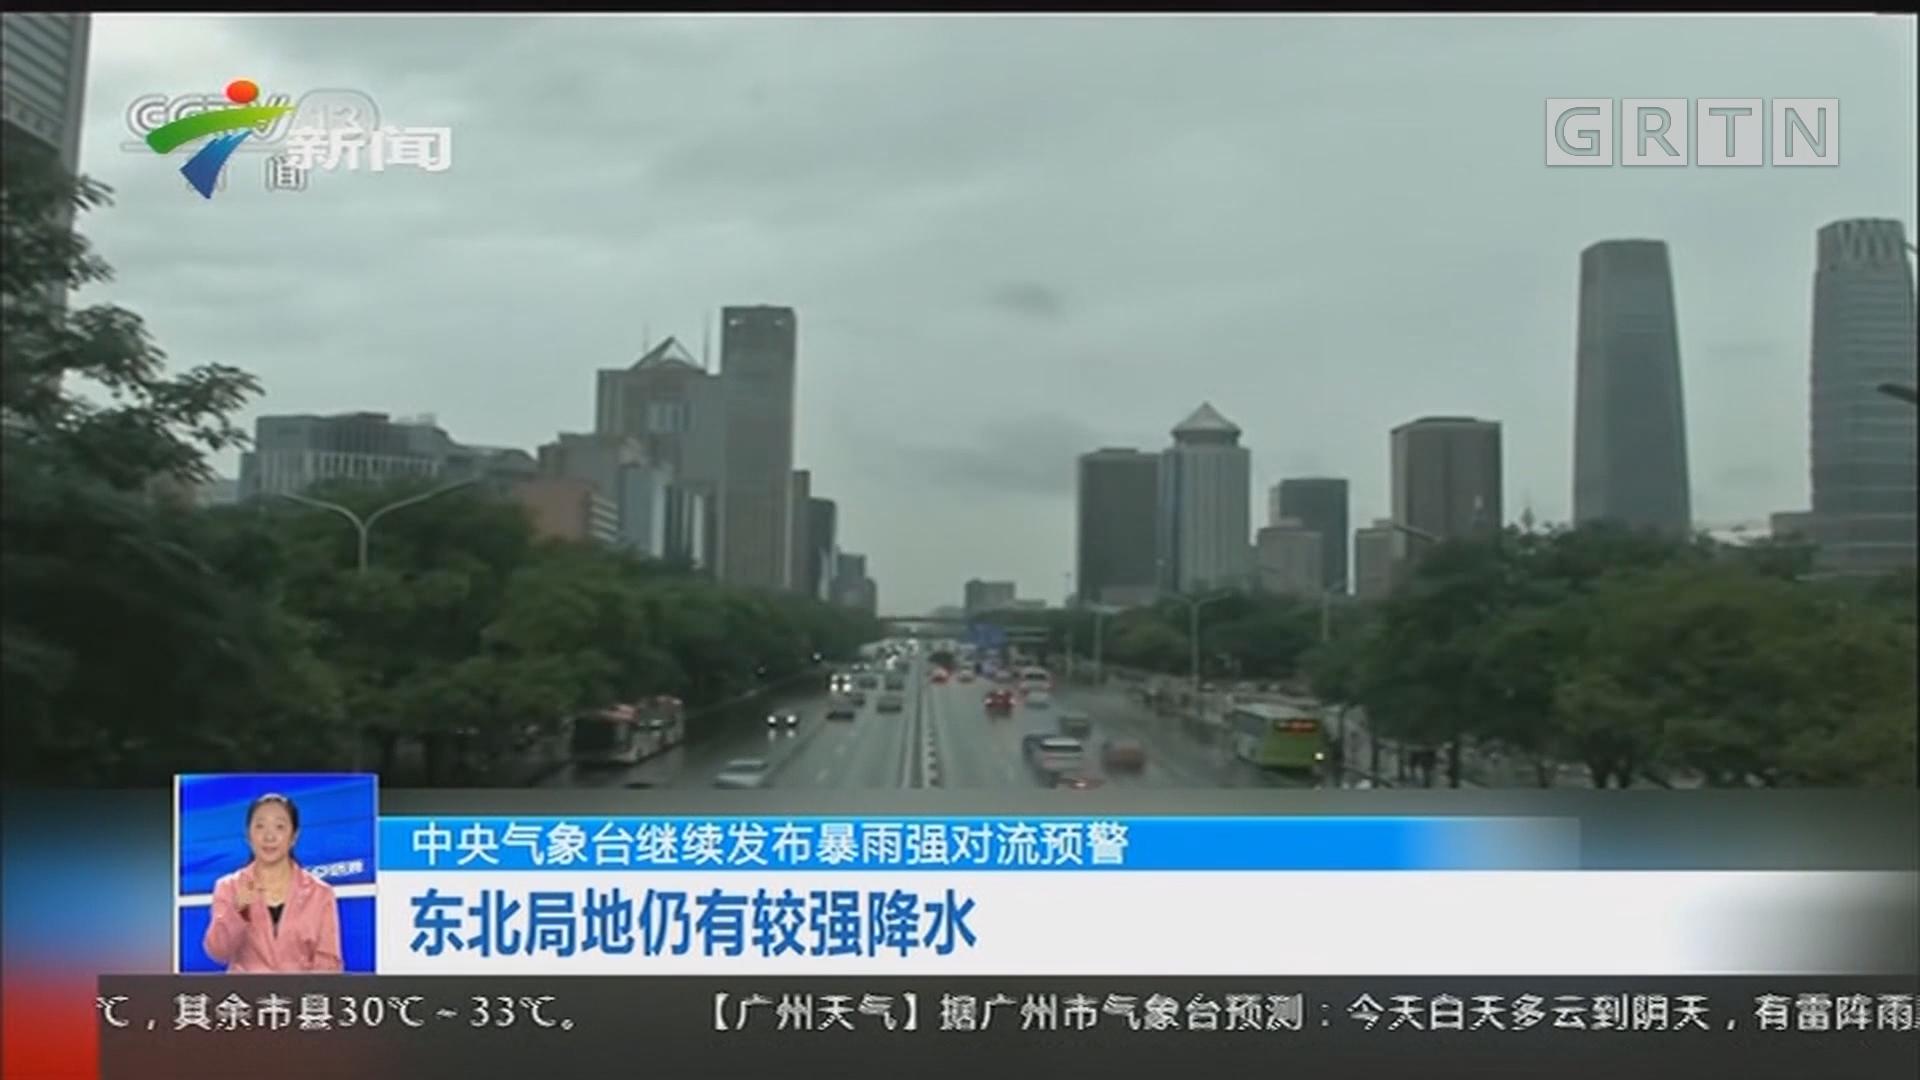 中央气象台继续发布暴雨强对流预警 东北局地仍有较强降水